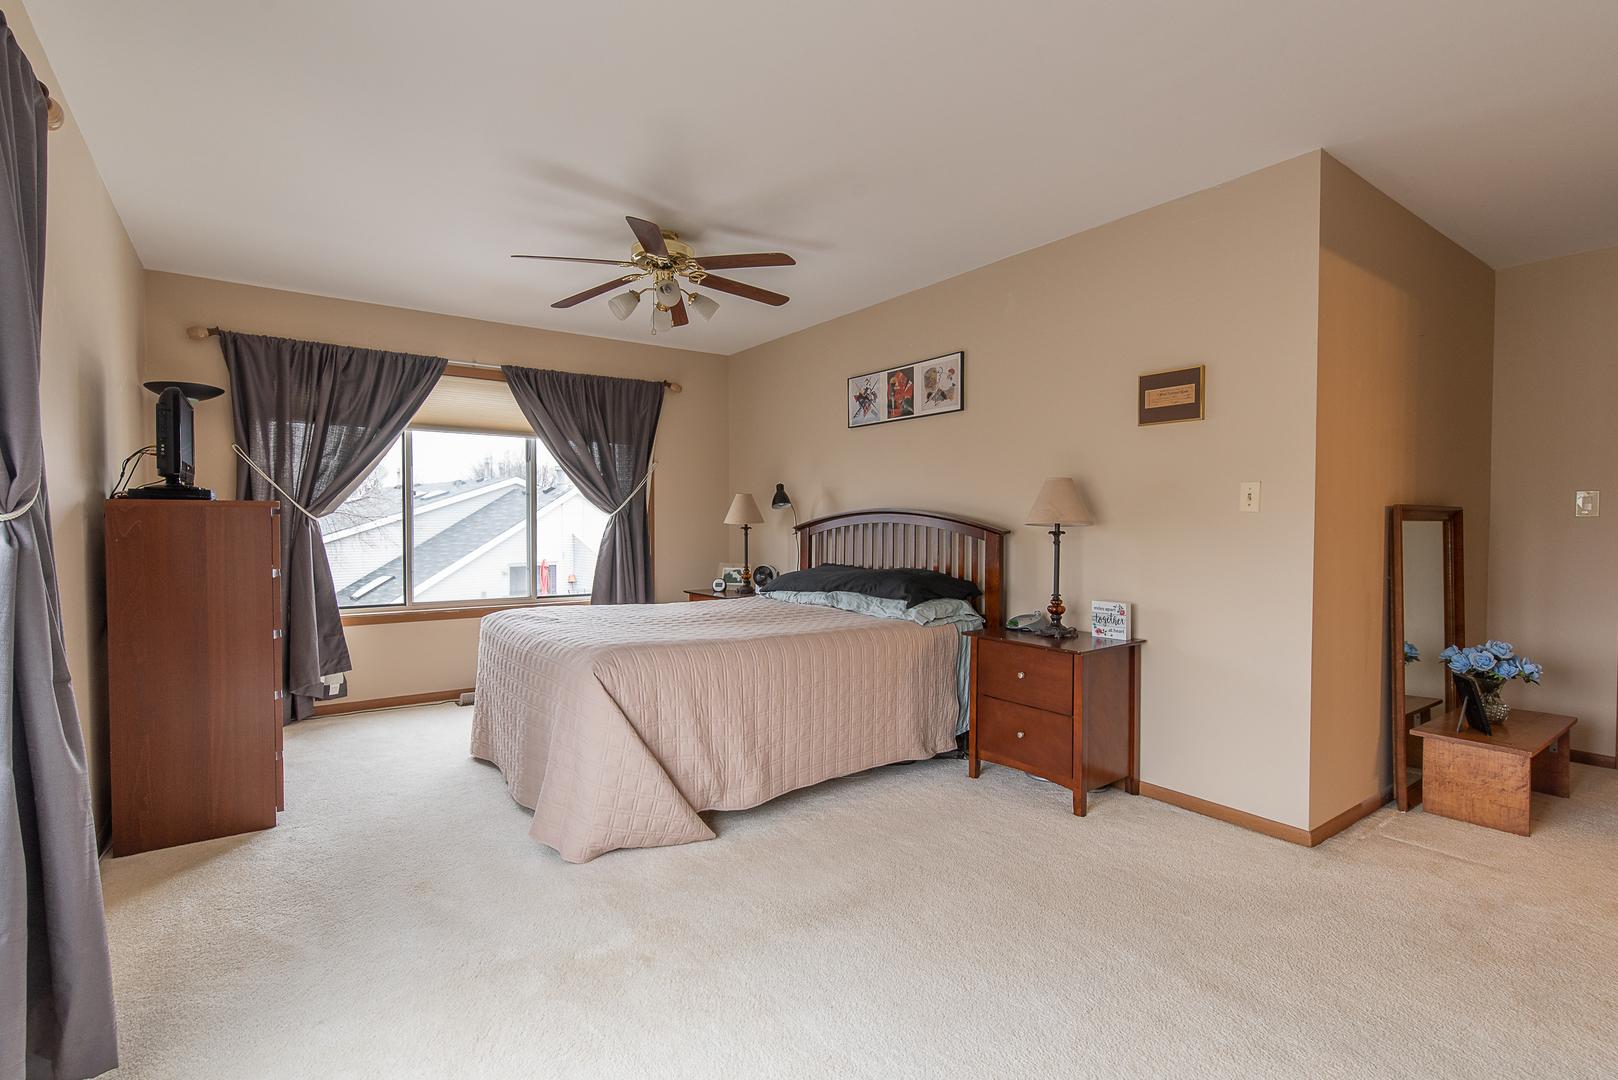 272 Park Ridge A, AURORA, Illinois, 60504